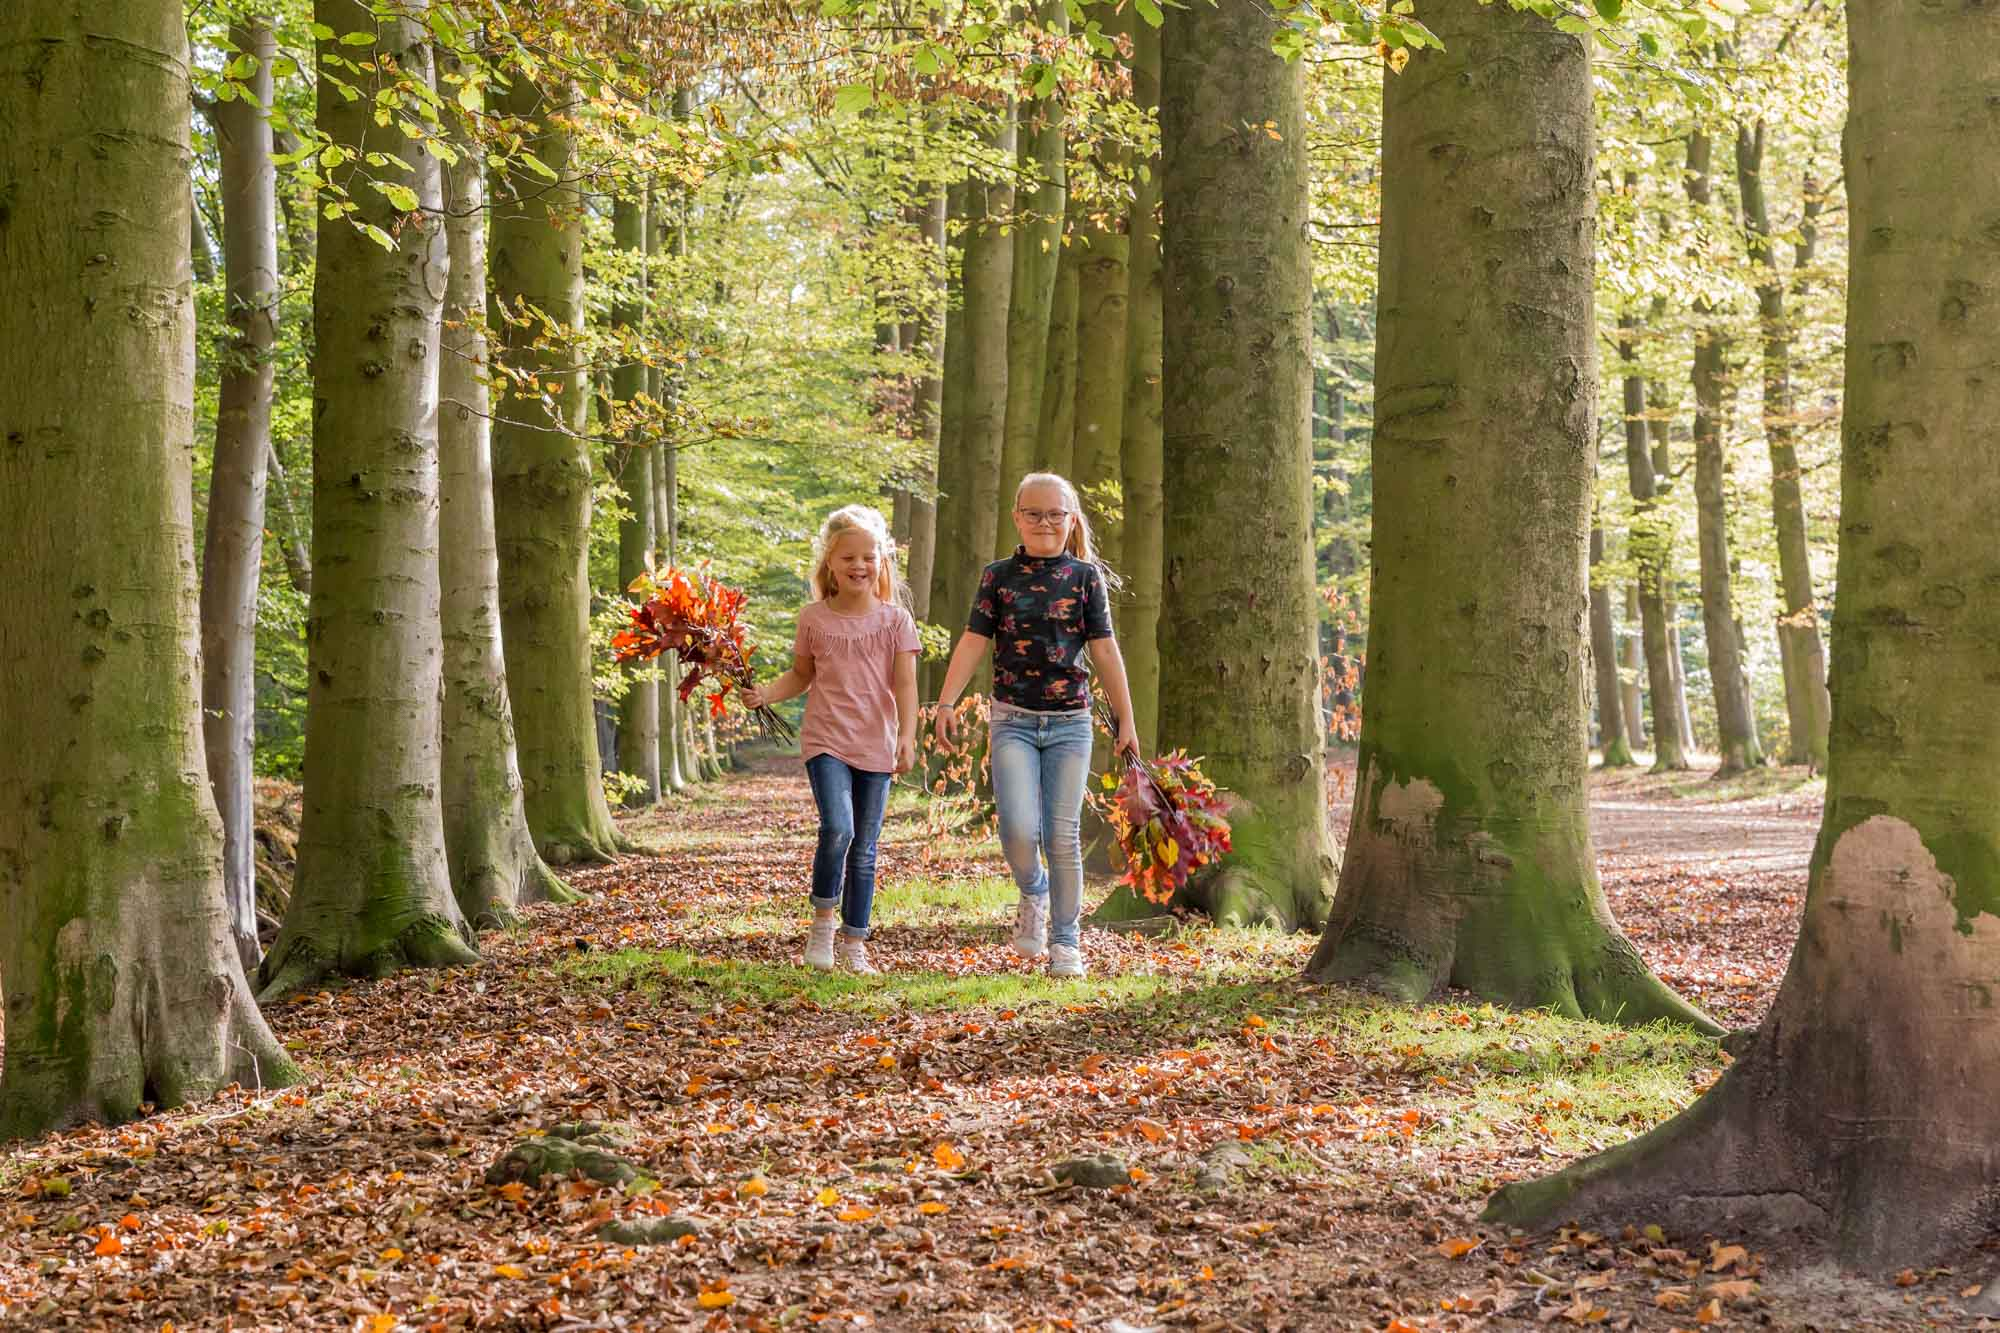 Gezinsfotograaf in Amersfoort, Nijkerk, Hoevelaken en omgeving, voor gezinsreportage. Gezinsfotoshoot door Mayra Fotografie. Herfst fotoshoot.